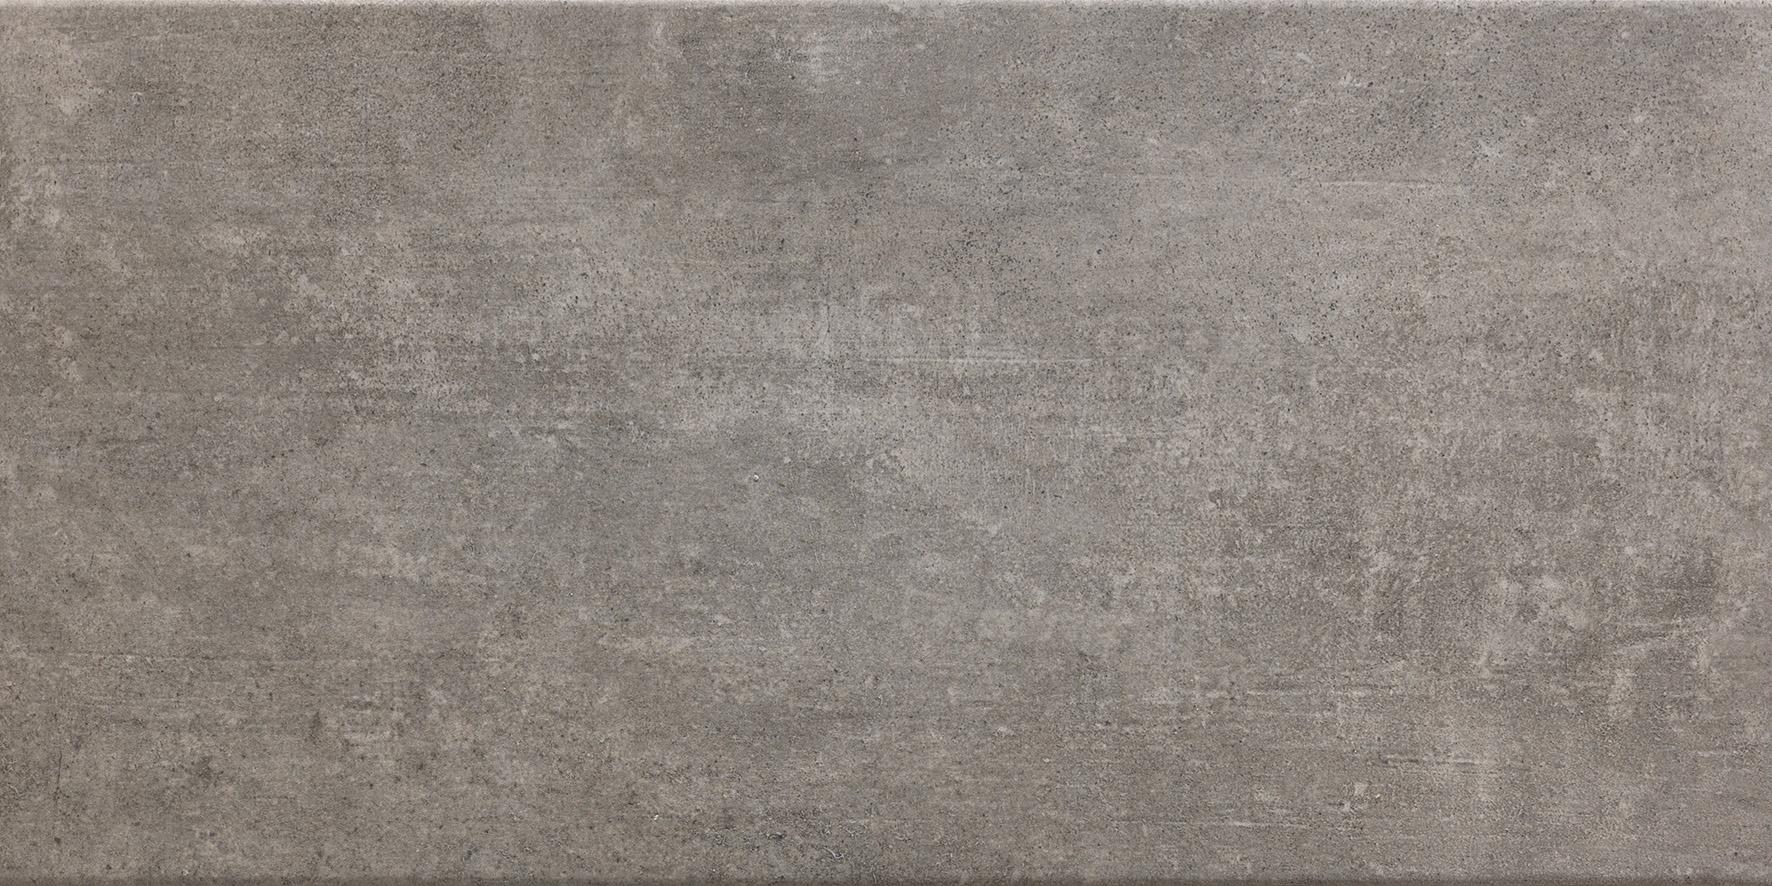 Fliesen Kemmler Wand Und Bodenfliese Envie In Der Farbe Grau Und - Gewicht fliesen feinsteinzeug